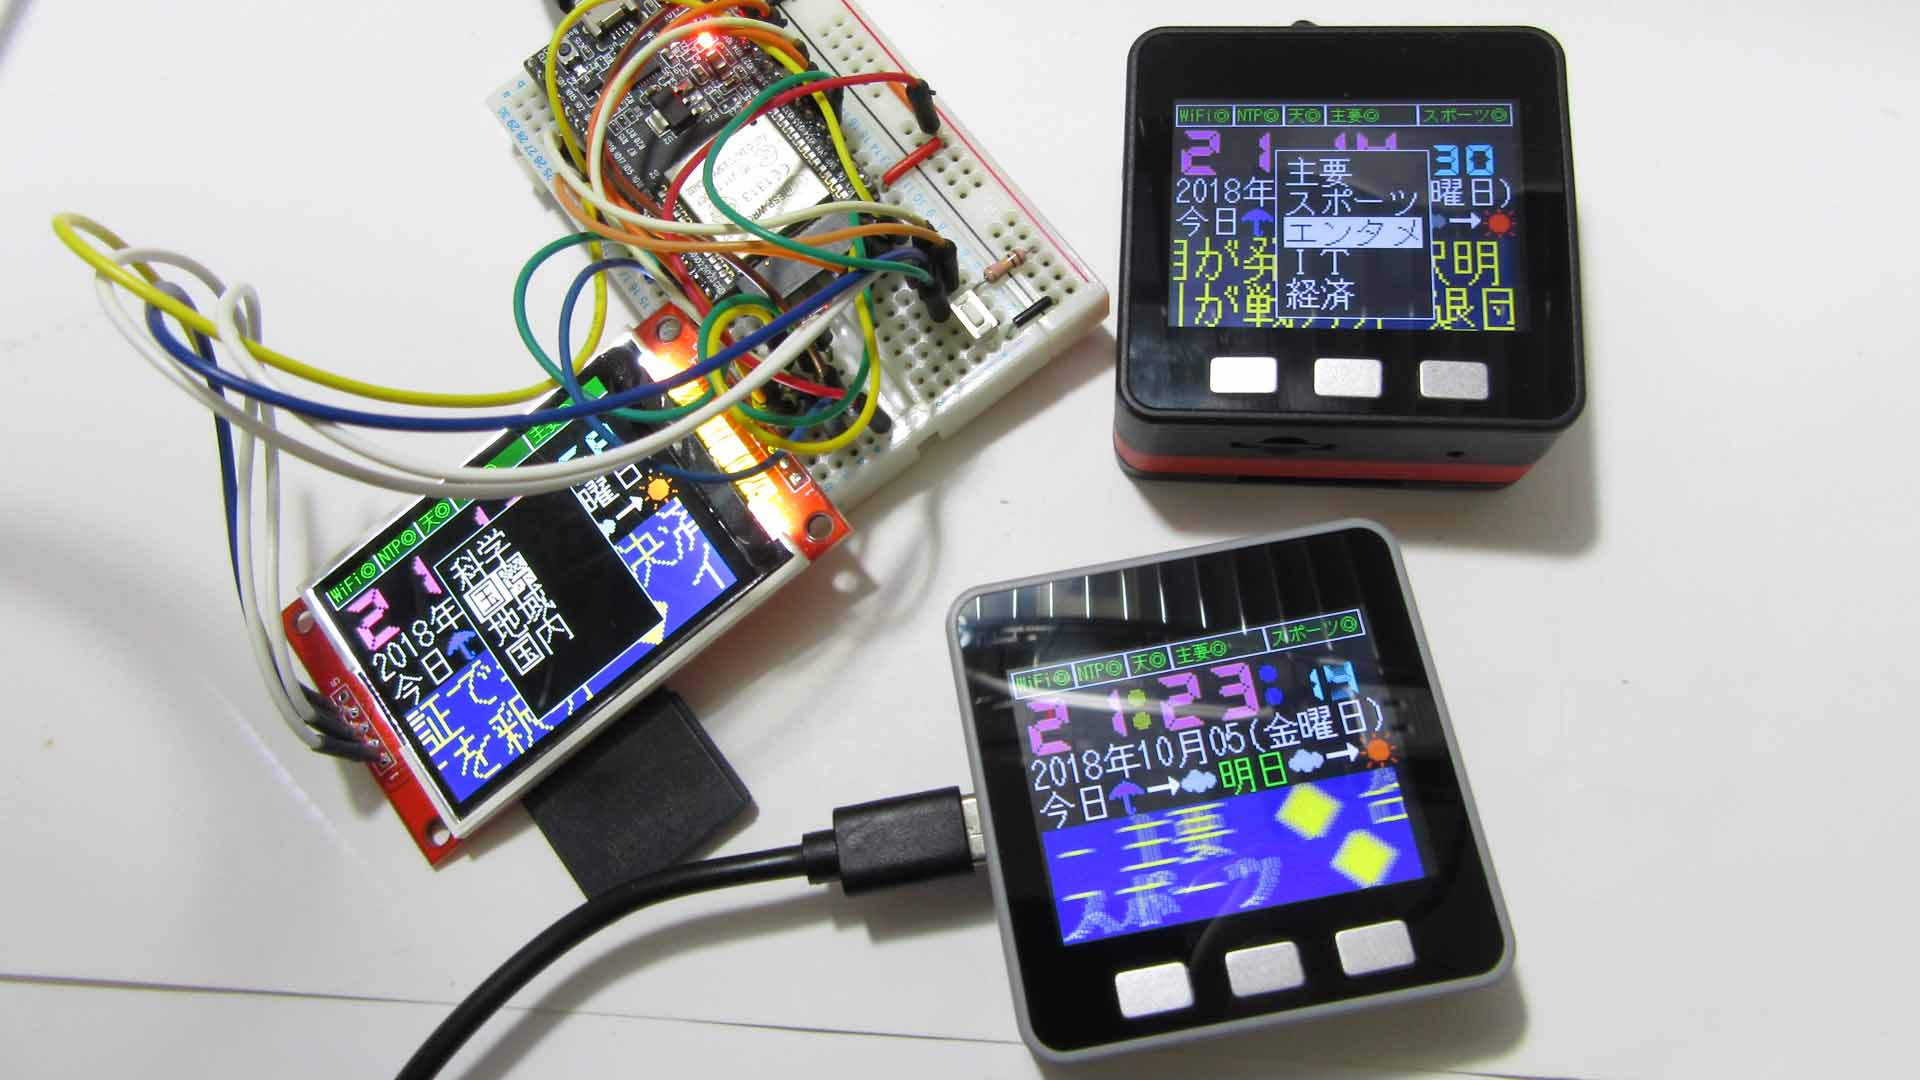 M5Stack と ESP32 のボタンで記事を選択できる Yahoo News 電光掲示板 天気予報 Watch